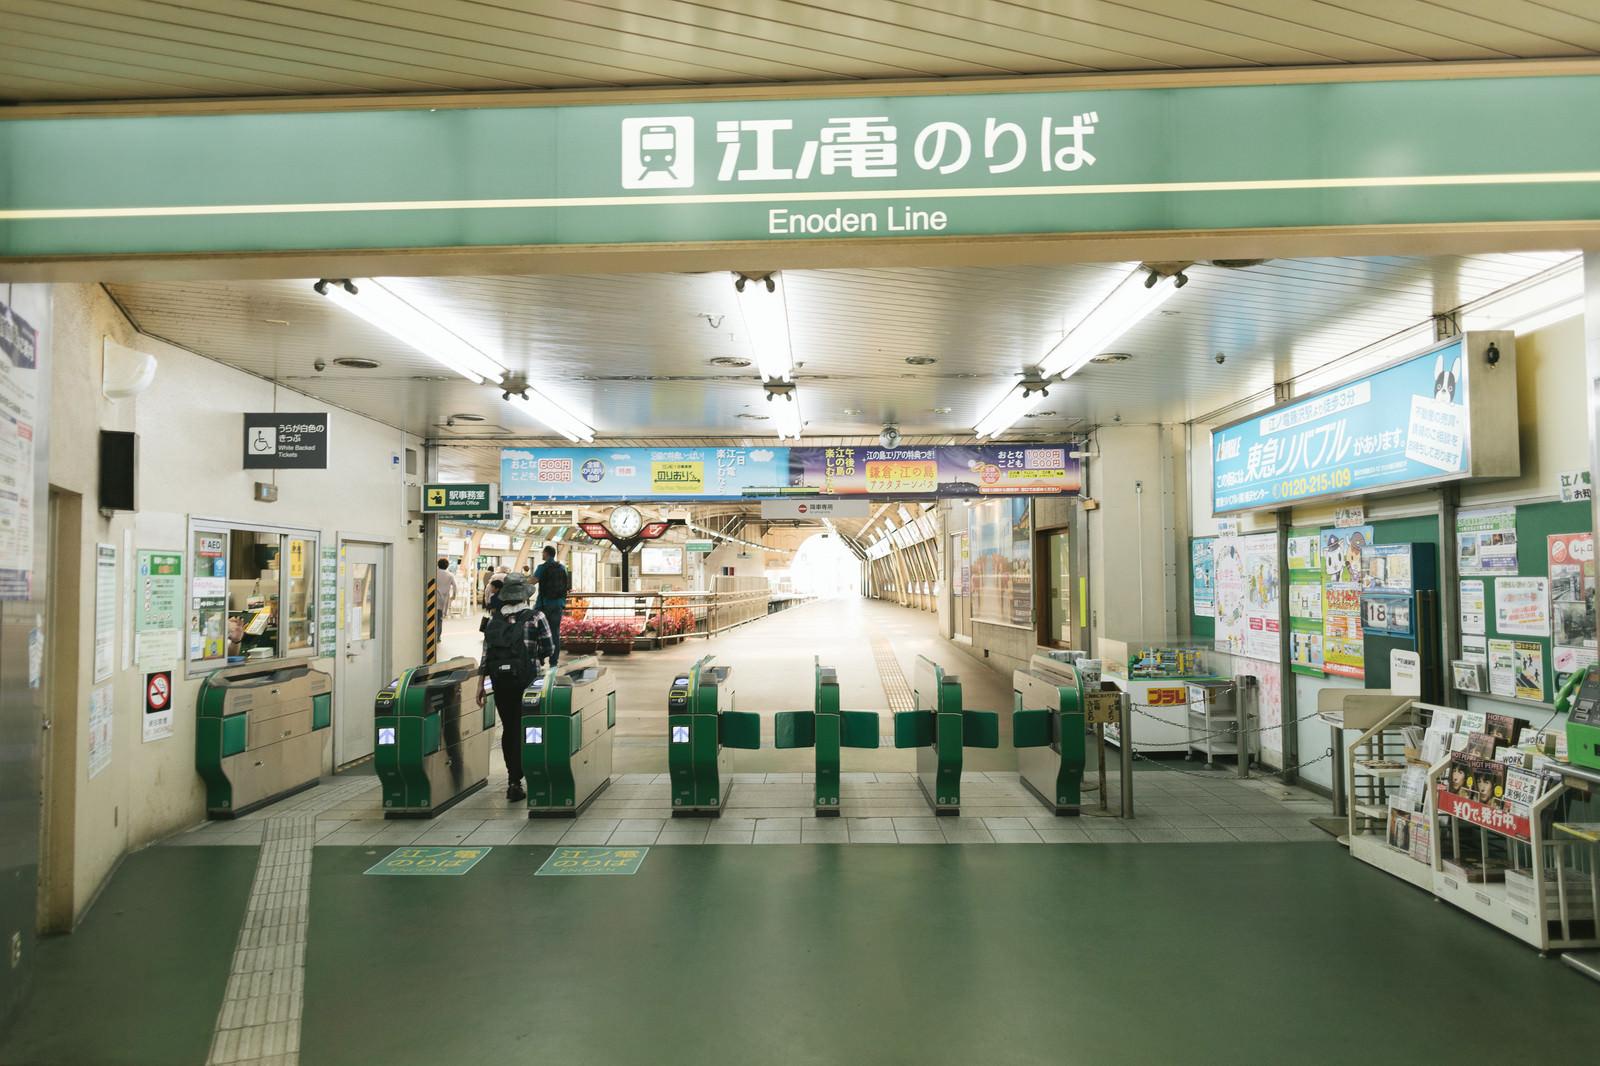 「江ノ電のりば改札前(藤沢駅) | 写真の無料素材・フリー素材 - ぱくたそ」の写真